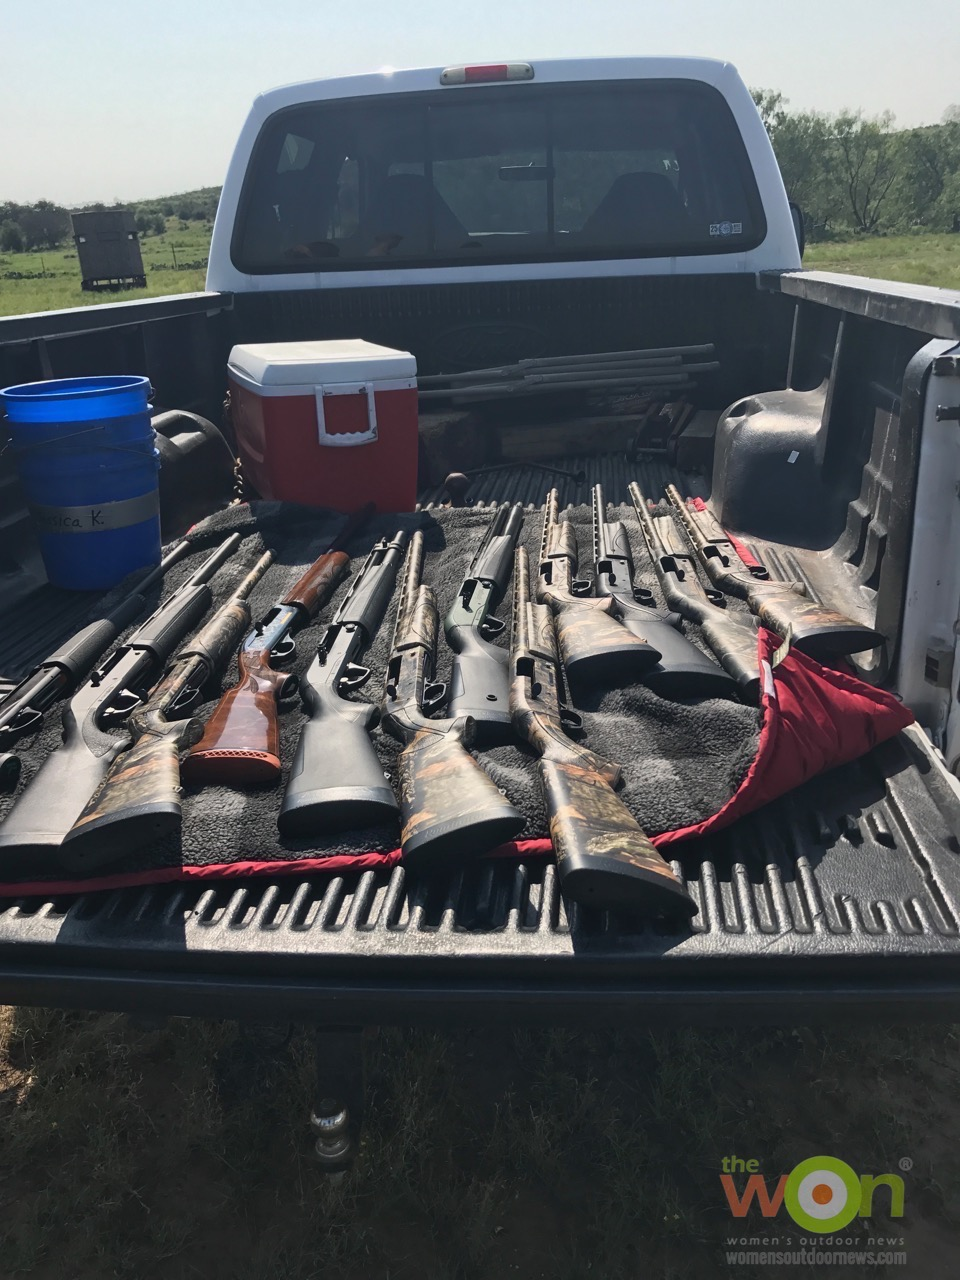 Remington shotguns v3